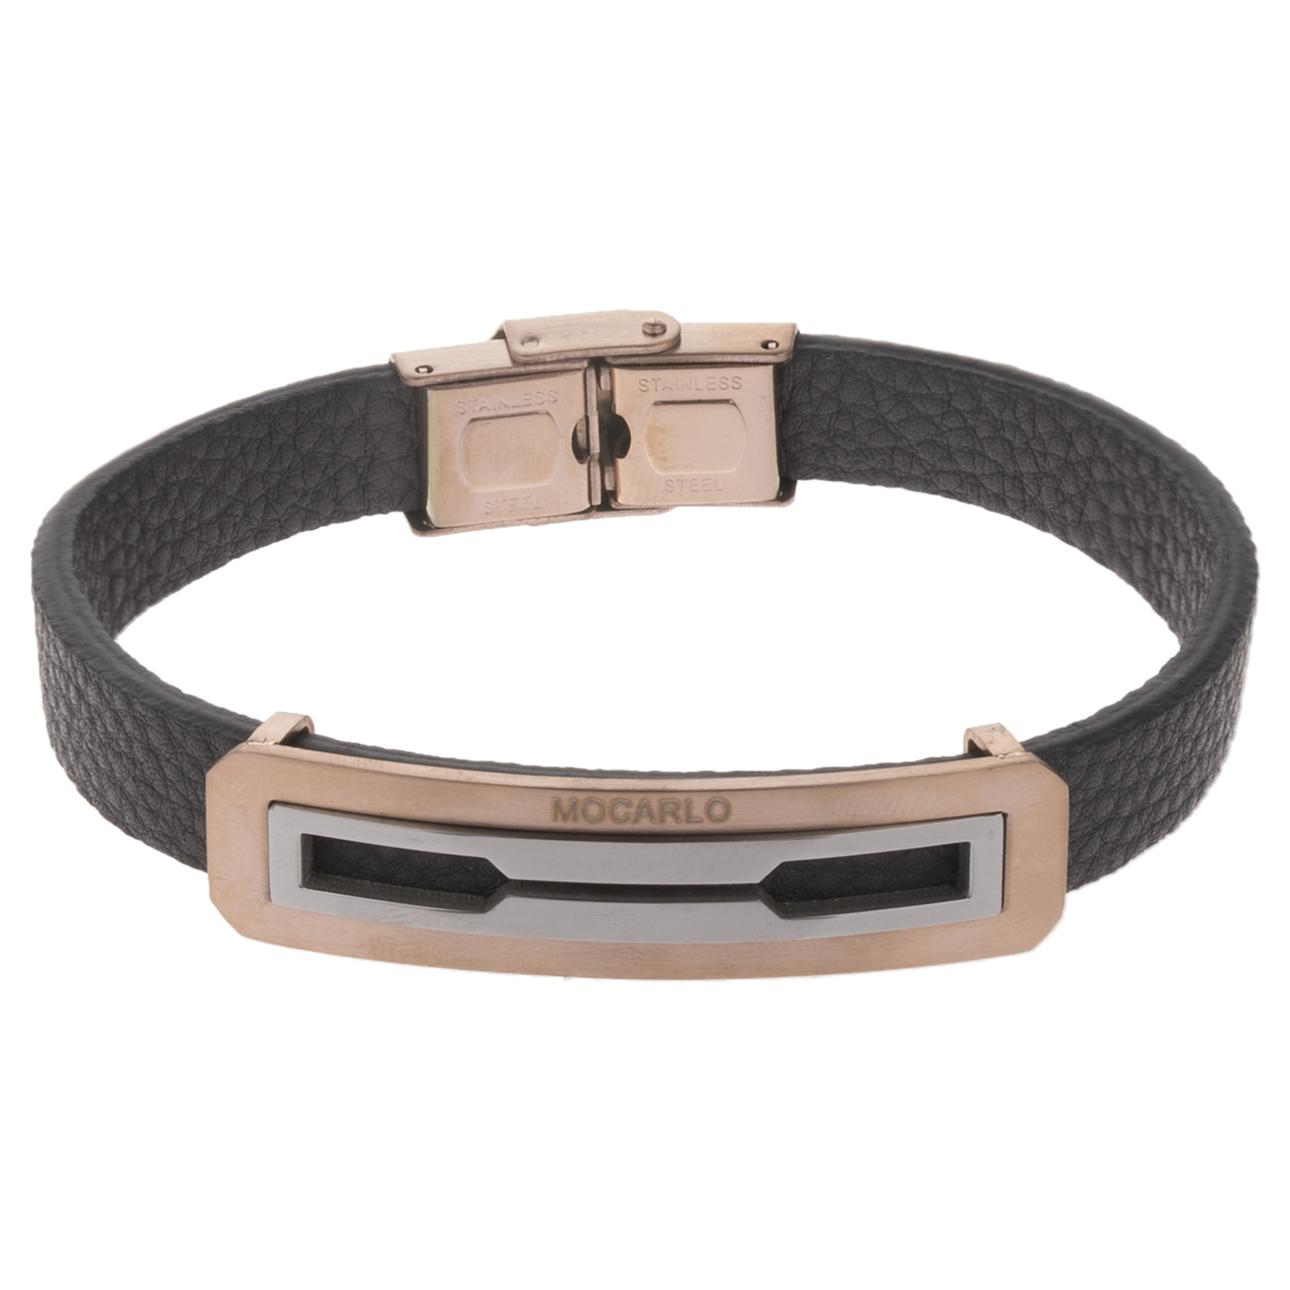 دستبند مردانه موکارلو کد 4003